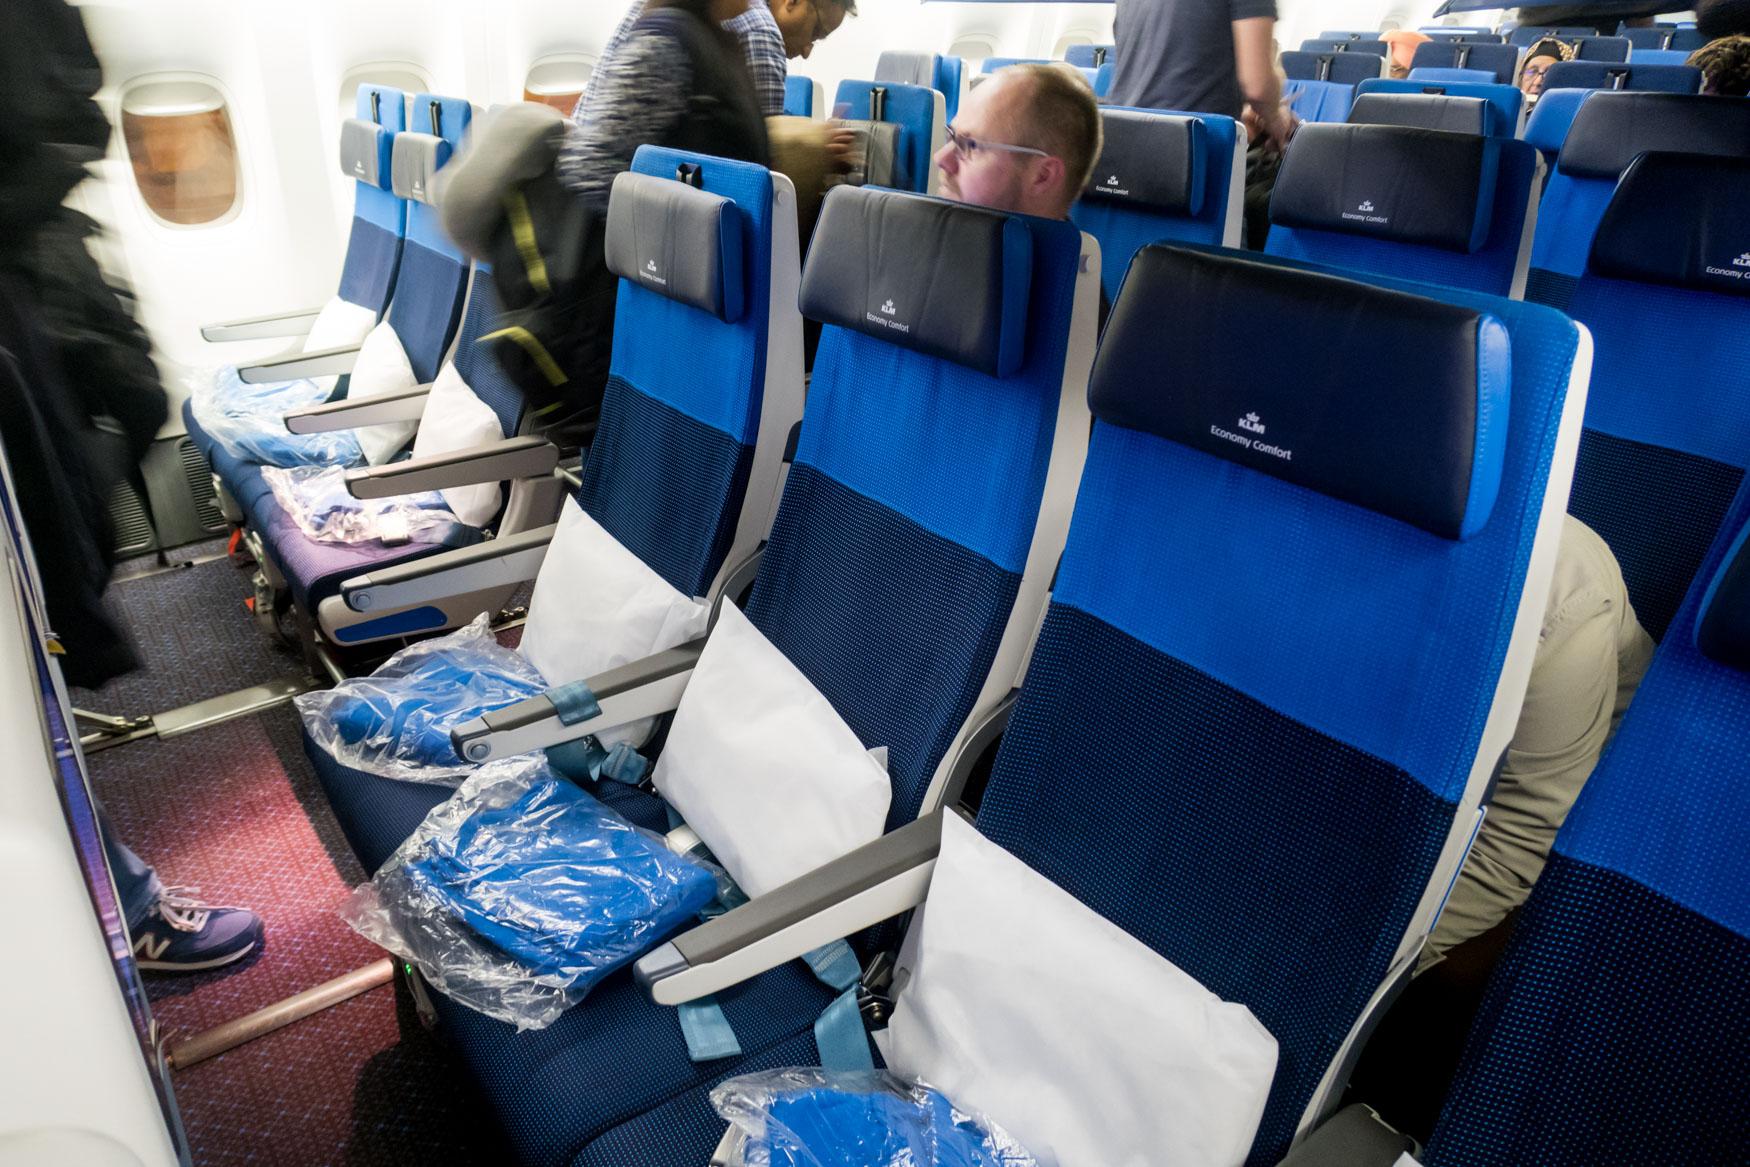 KLM Economy Comfort Seats